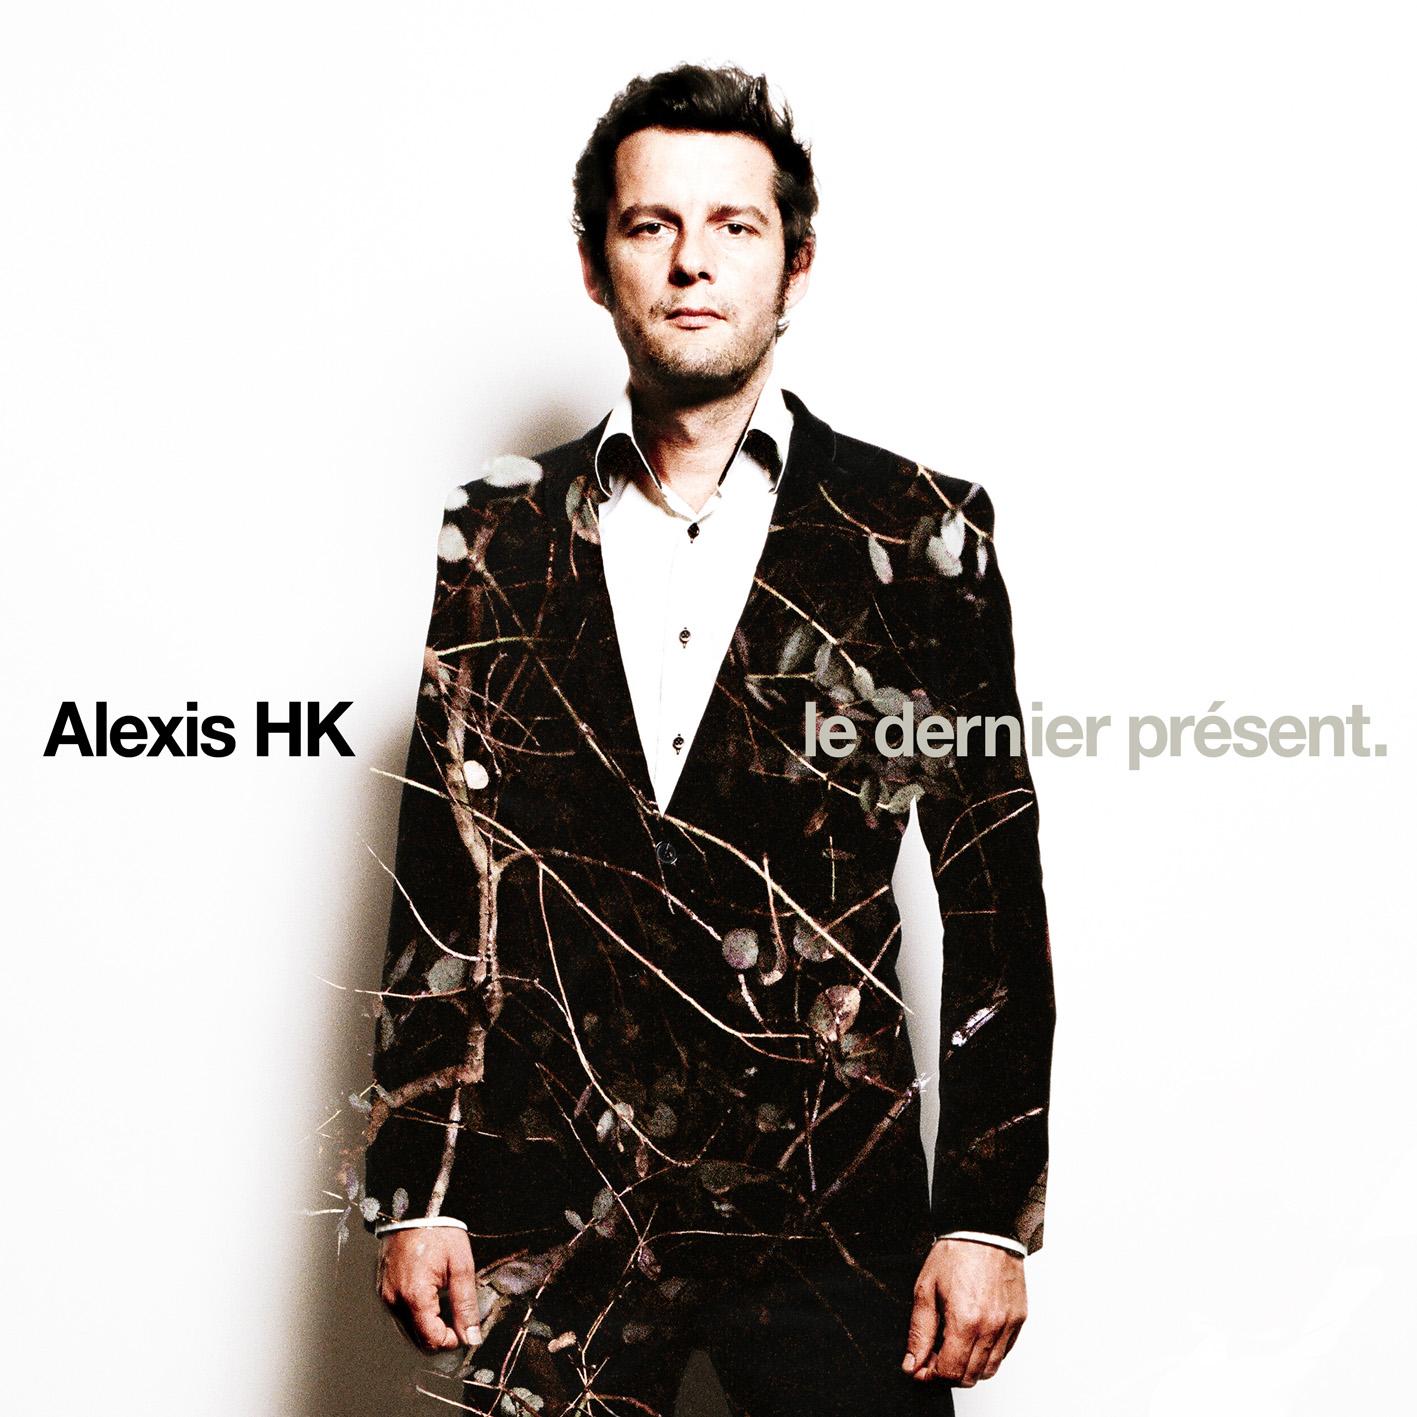 Alexis hk le dernier pr sent son dernier album blog for Alexis hk la maison ronchonchon